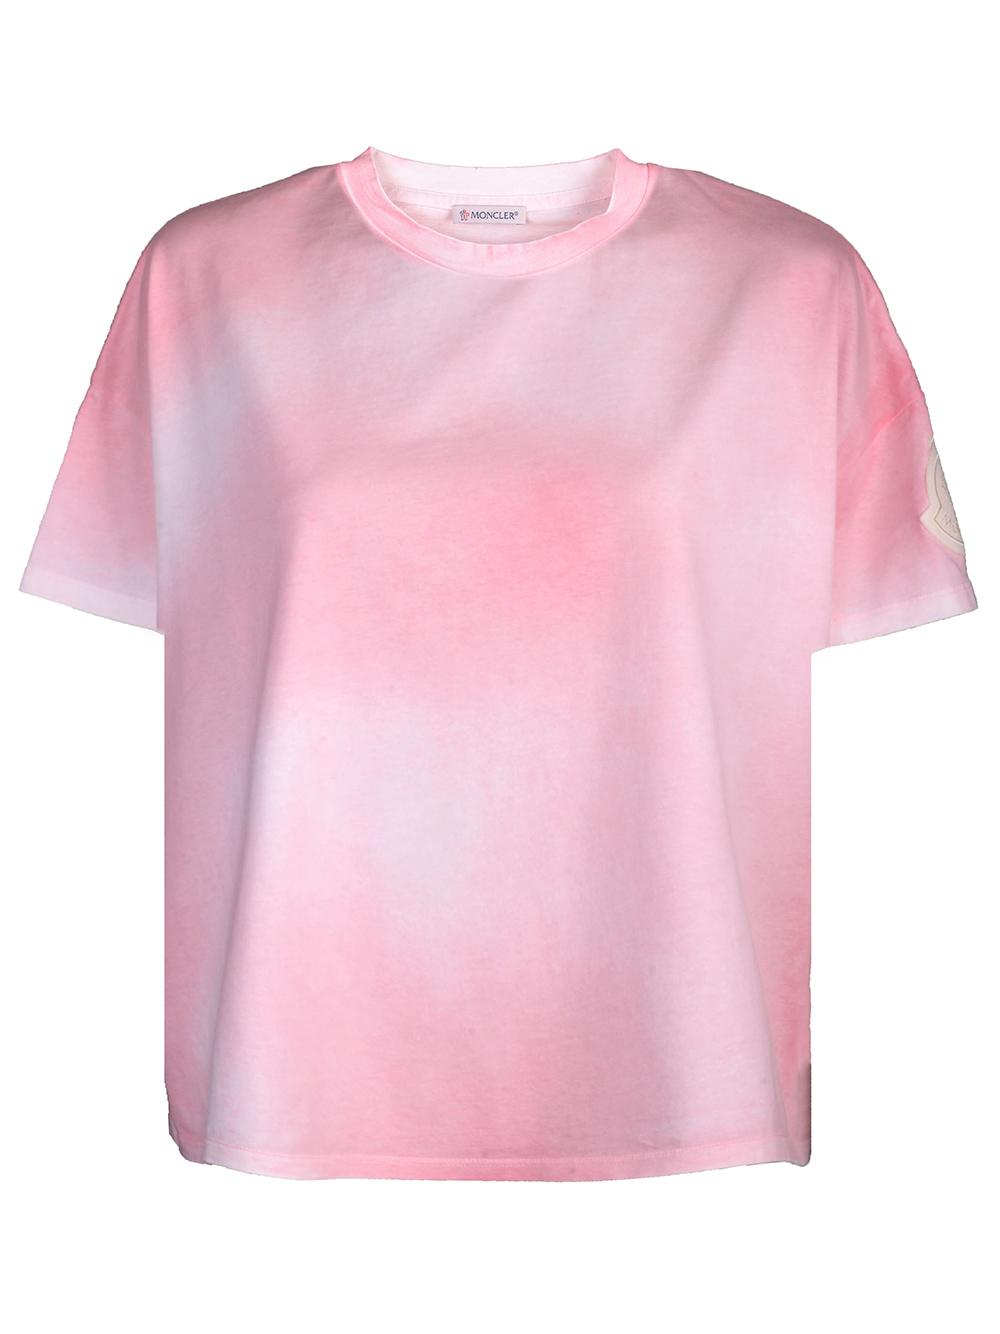 MONCLER Μπλούζα T-Shirt F10938C74110V8125 ΡΟΖ